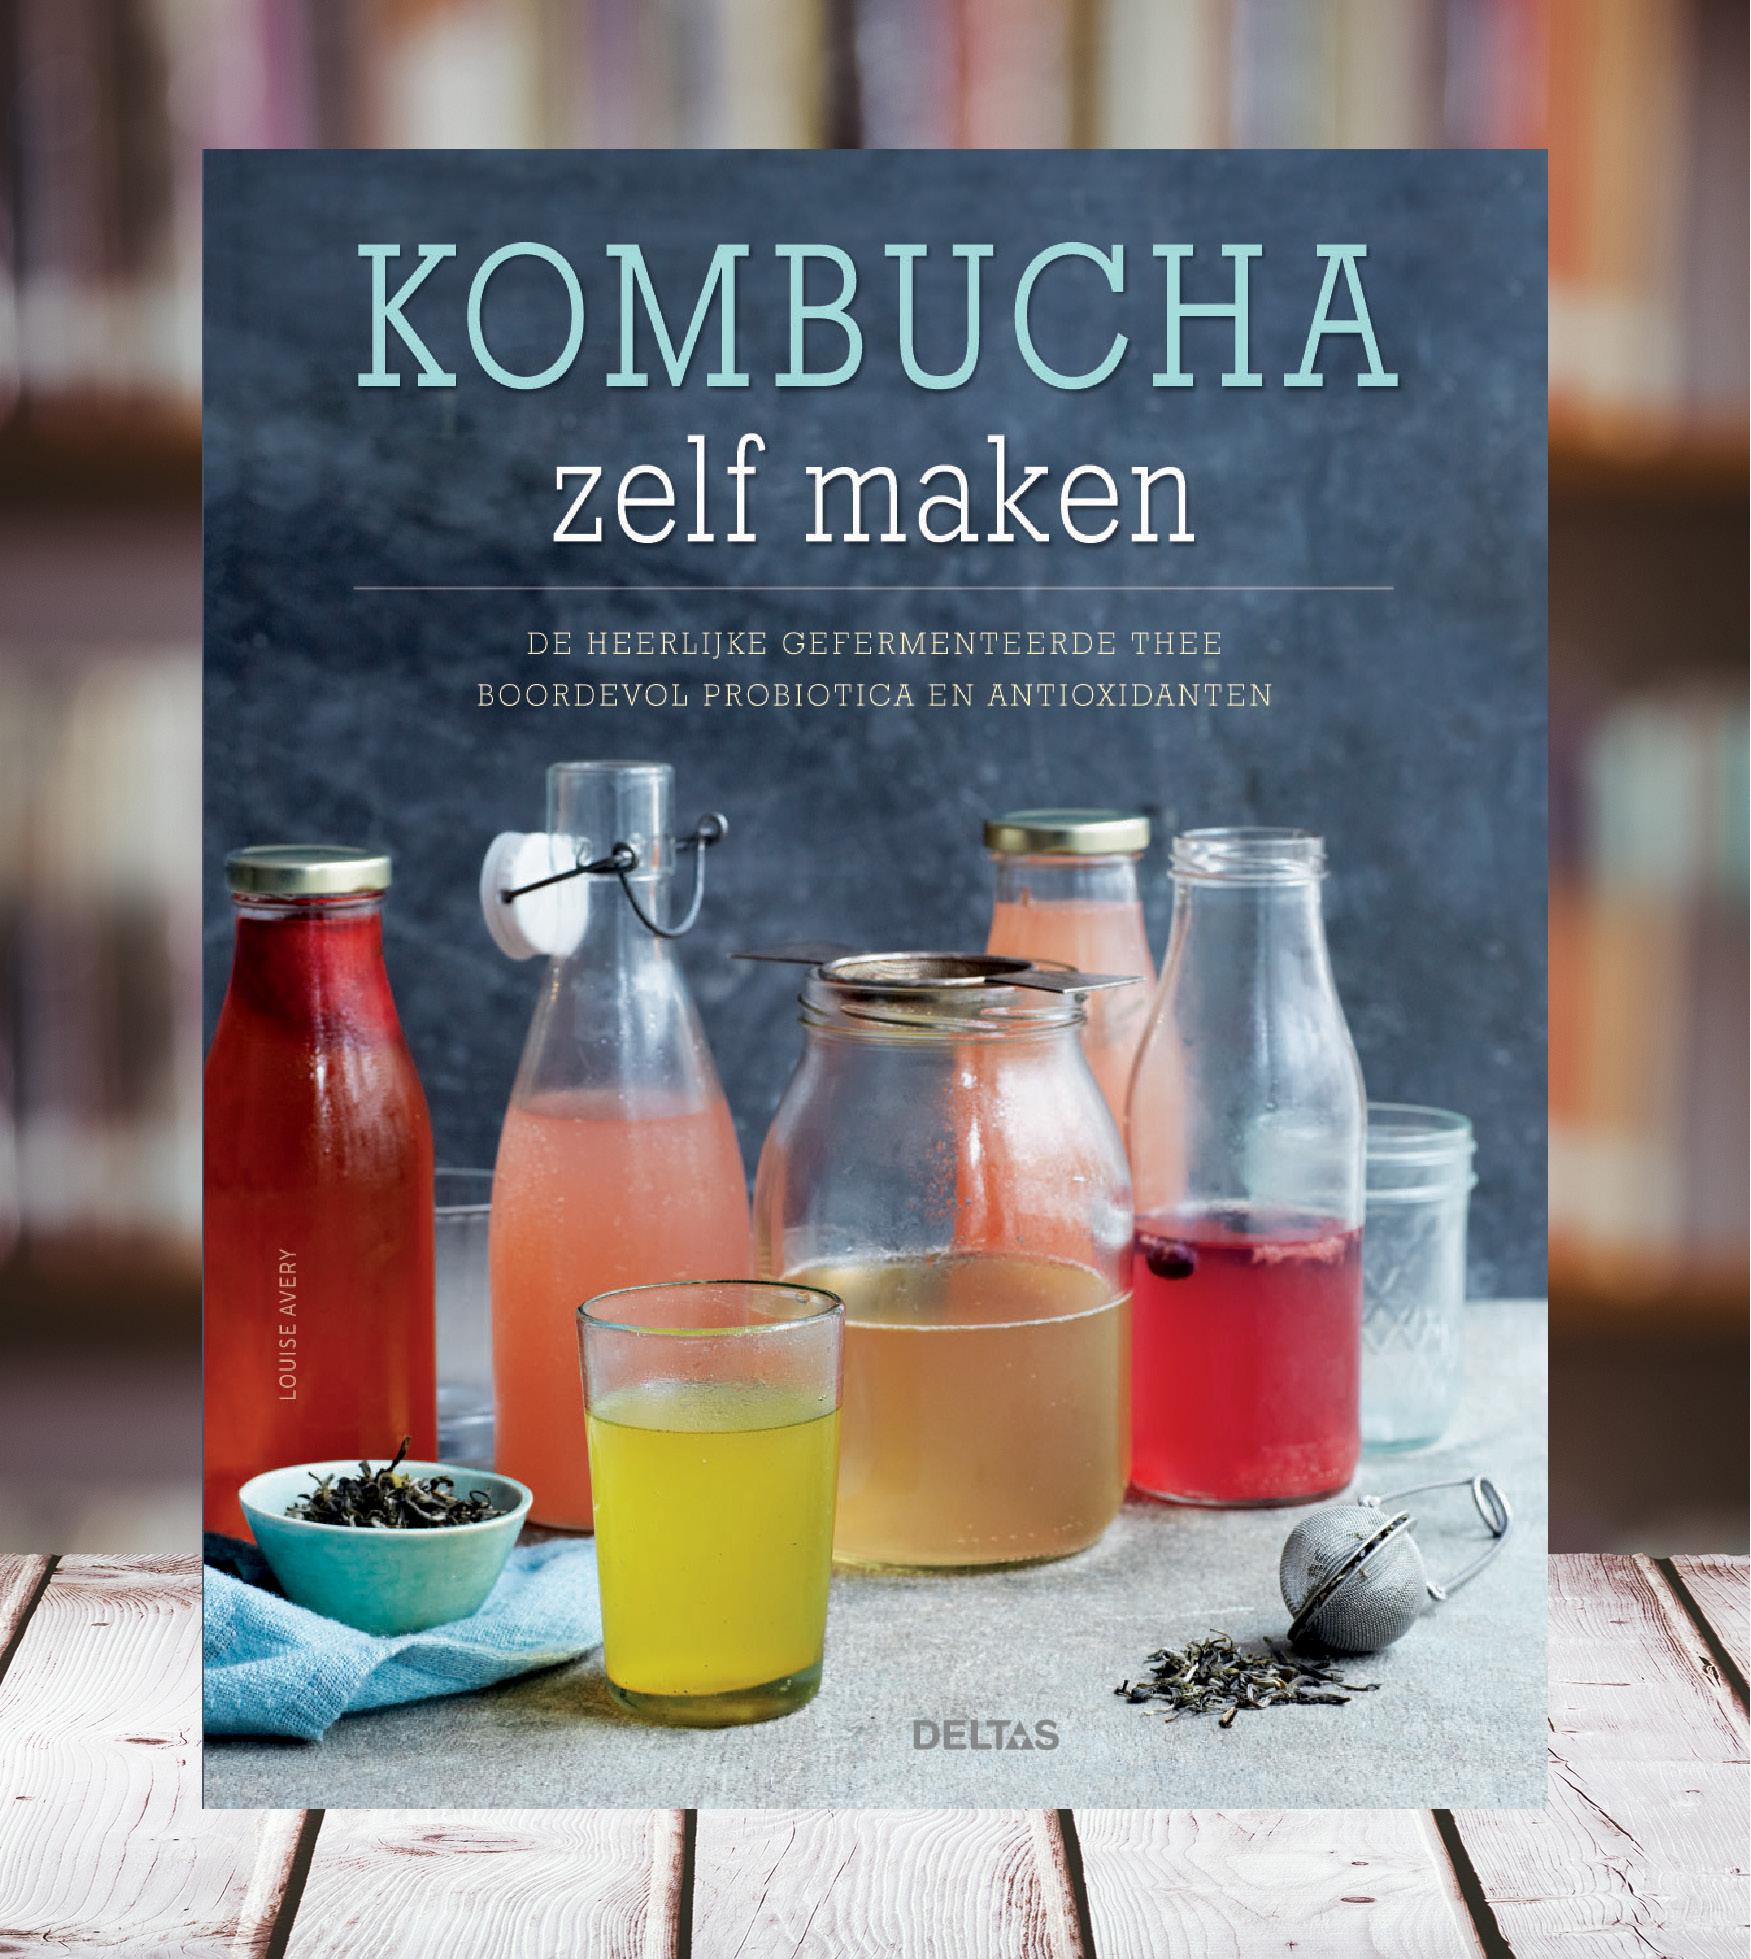 Photo of Kombucha zelf maken